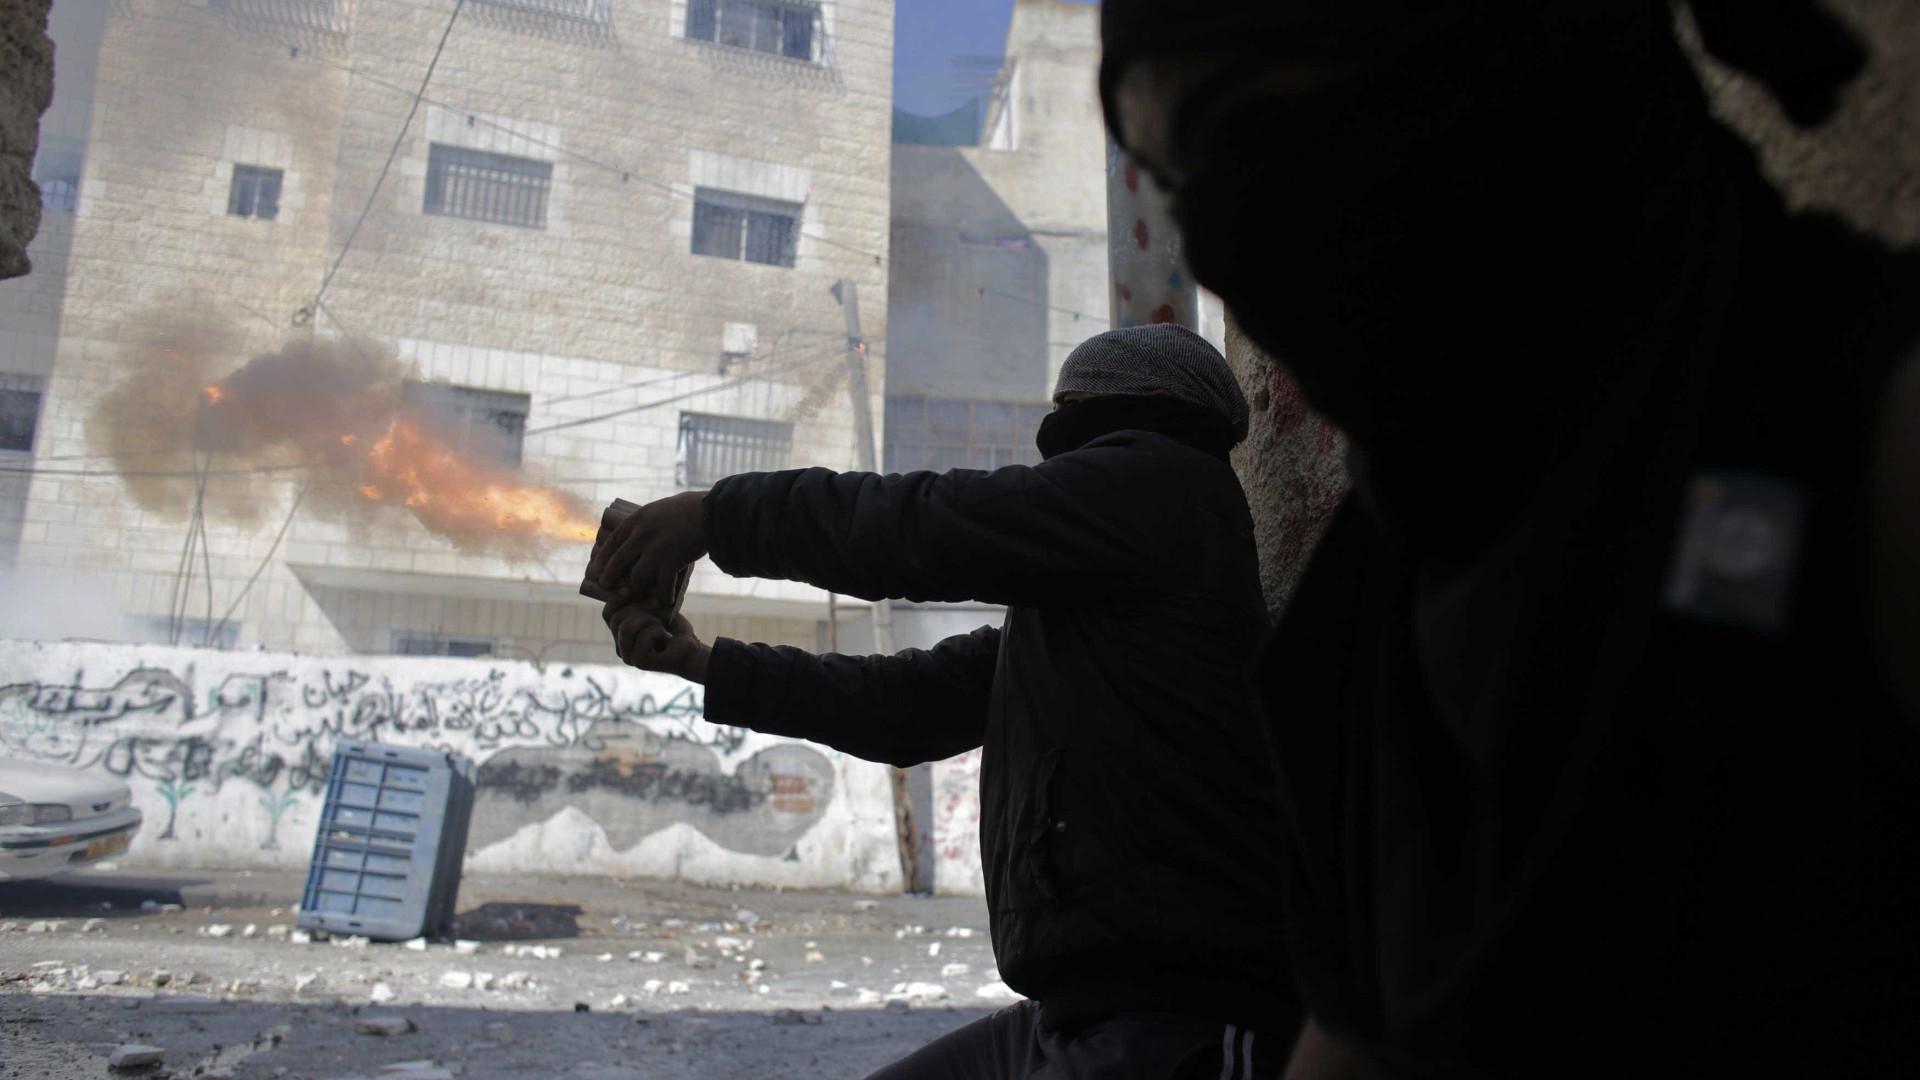 Exército sírio diz que Israel disparou contra Síria com jatos e mísseis